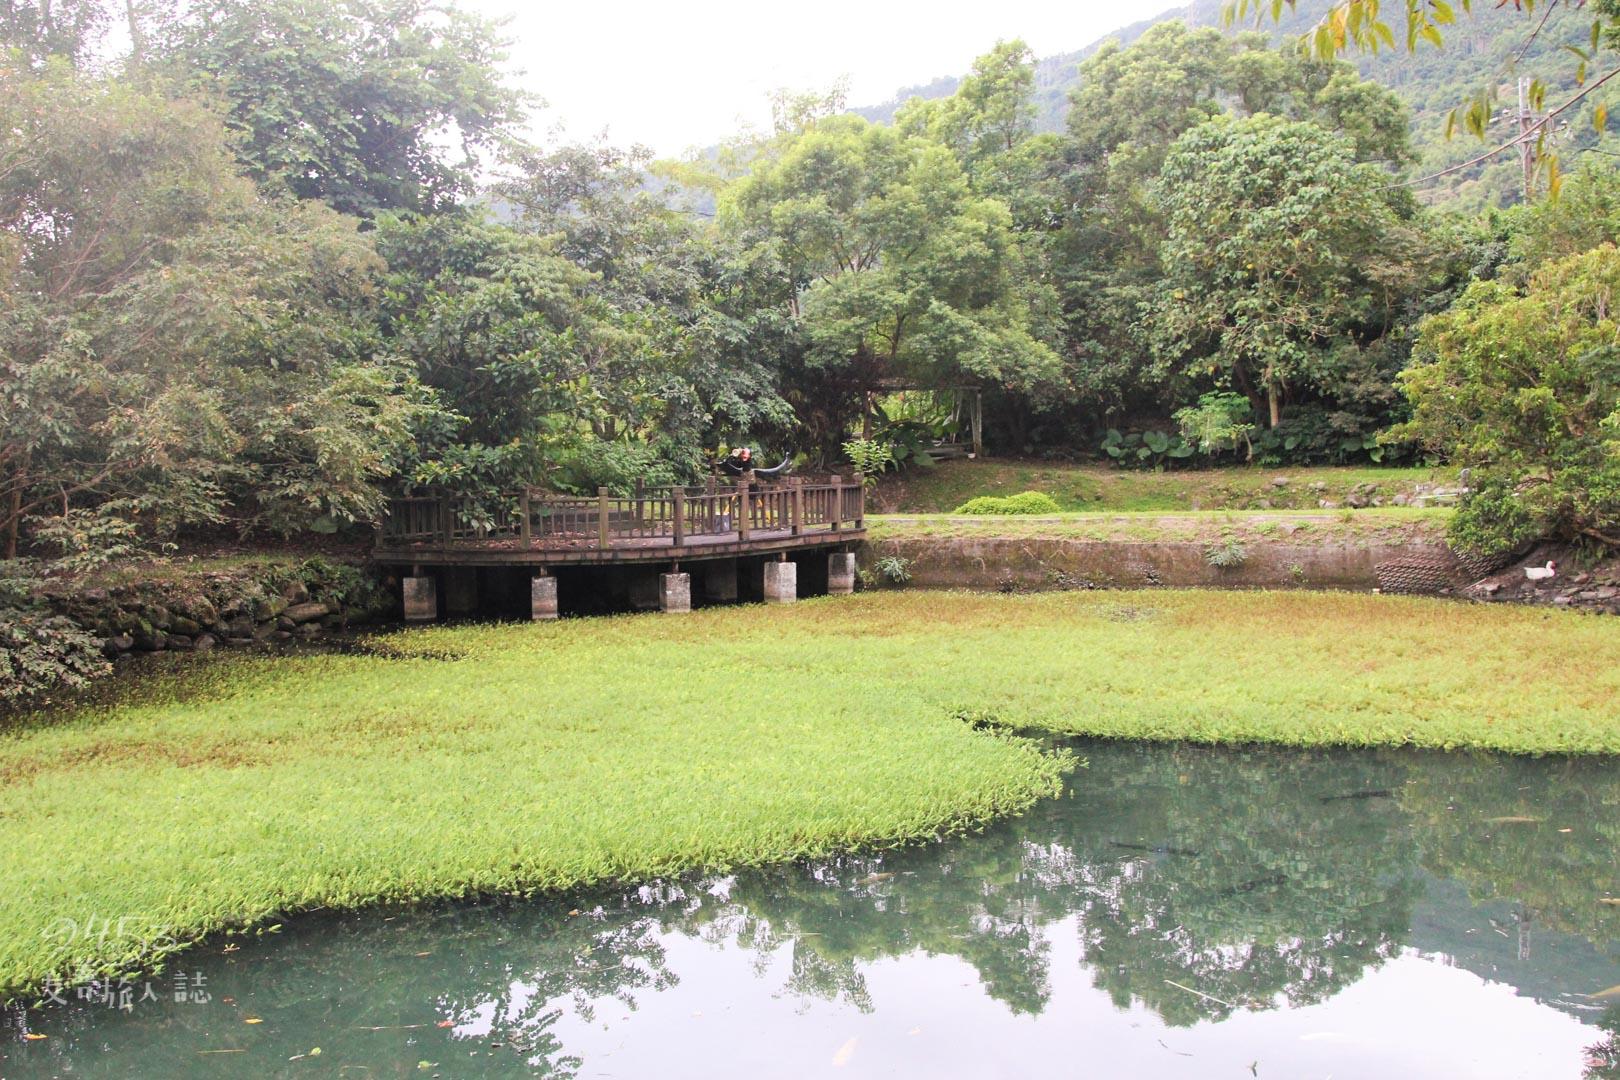 欣綠農園中的池塘